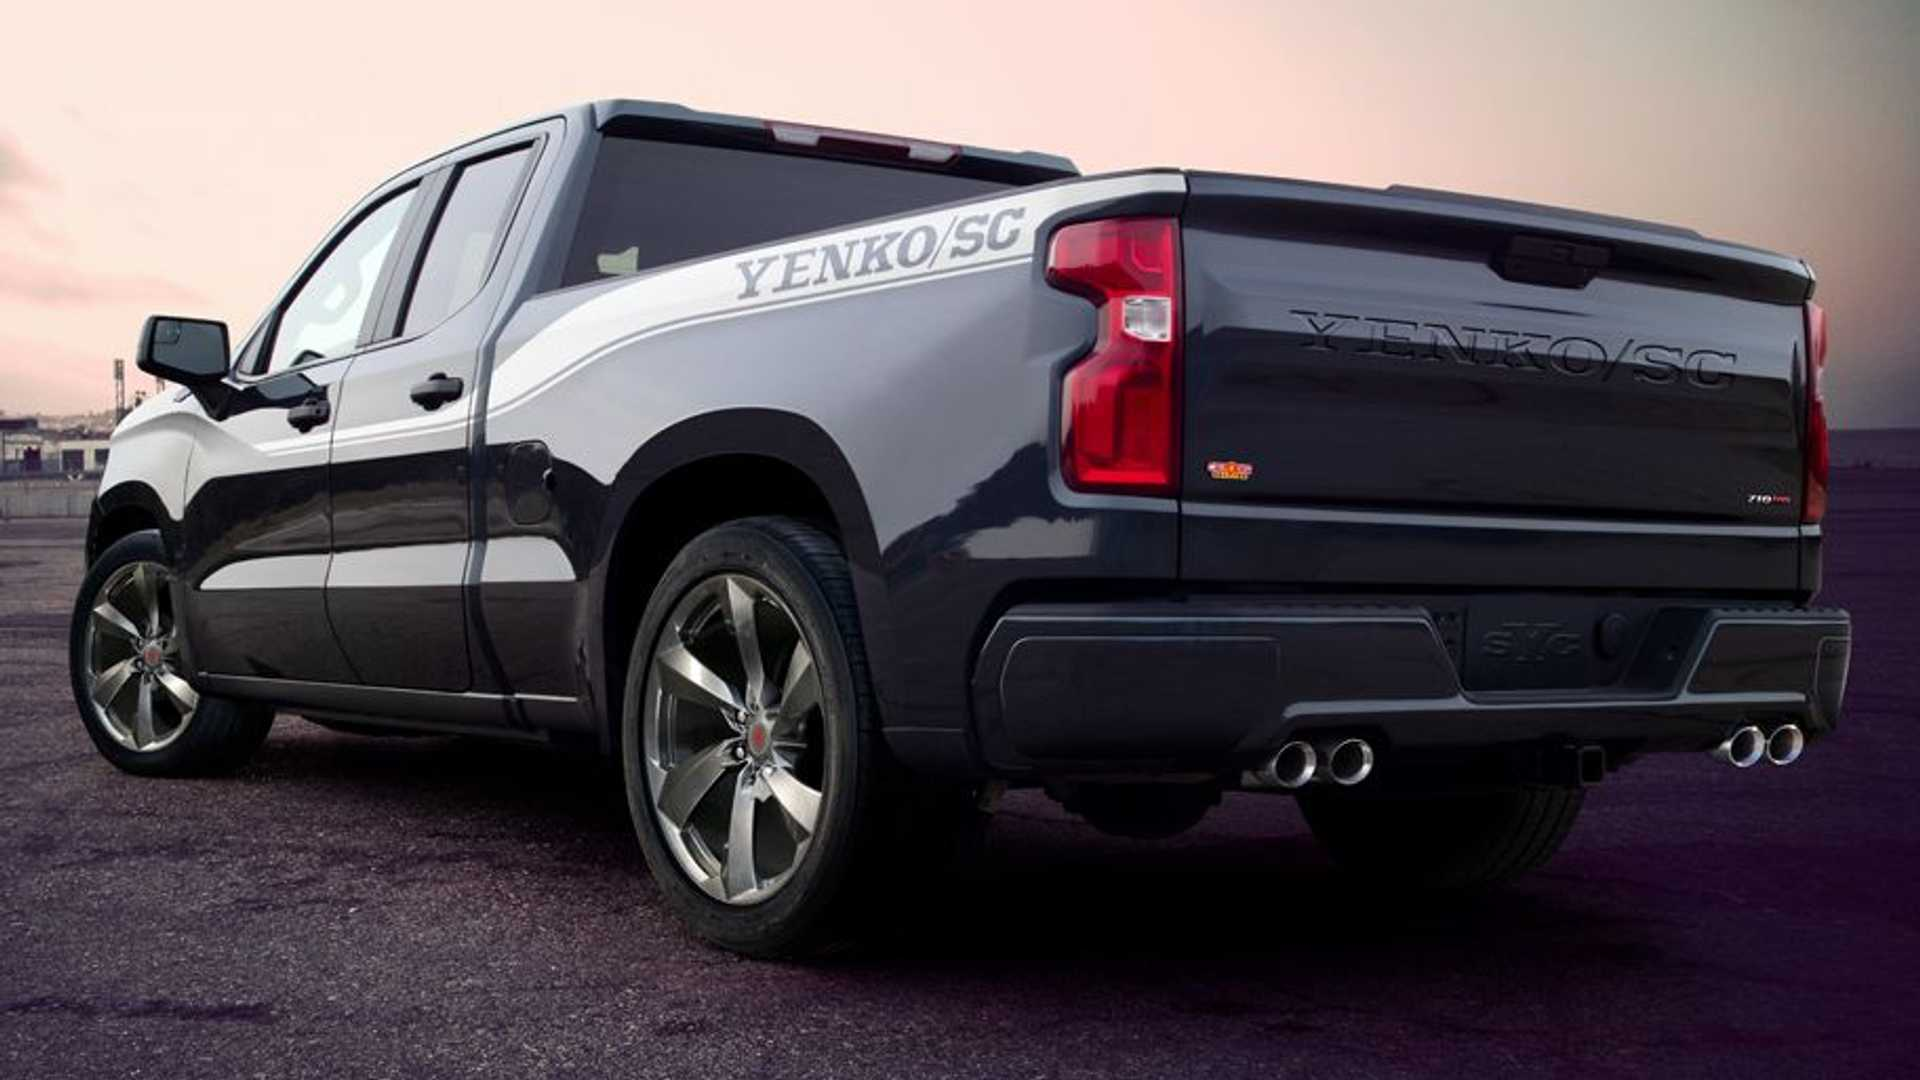 Некоторое время назад тюнер SVE показал 800-сильный Chevrolet Silverado с модернизированным V8 6.2. Теперь же нам продемонстрировали тот же пикап, но с чуть меньшей отдачей.